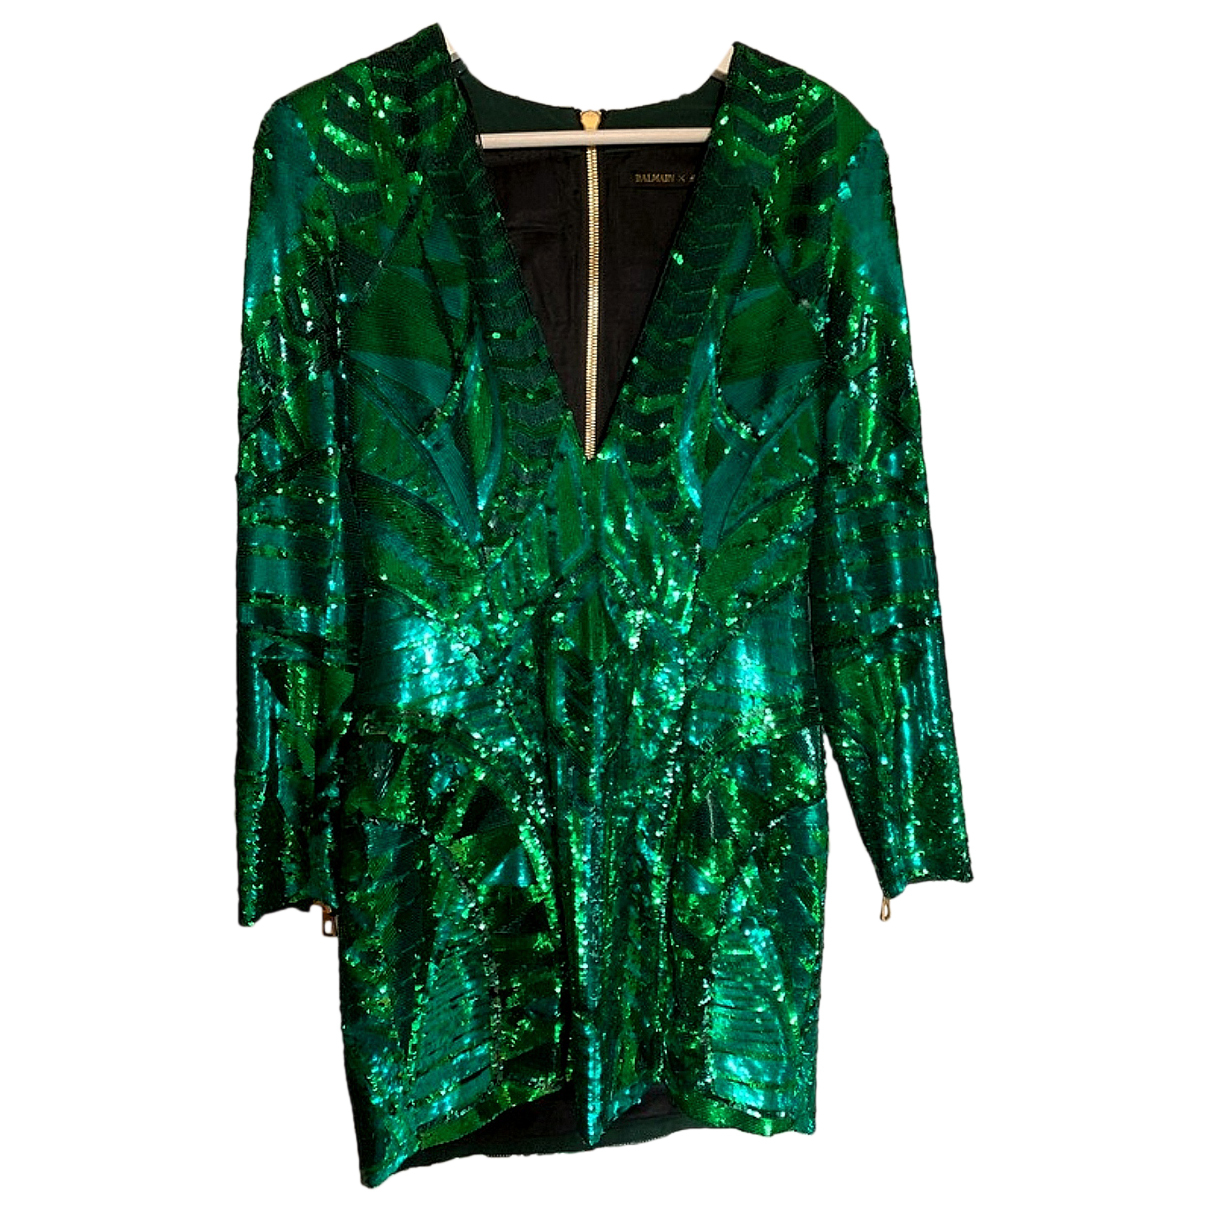 Balmain For H&m - Robe   pour femme en a paillettes - vert